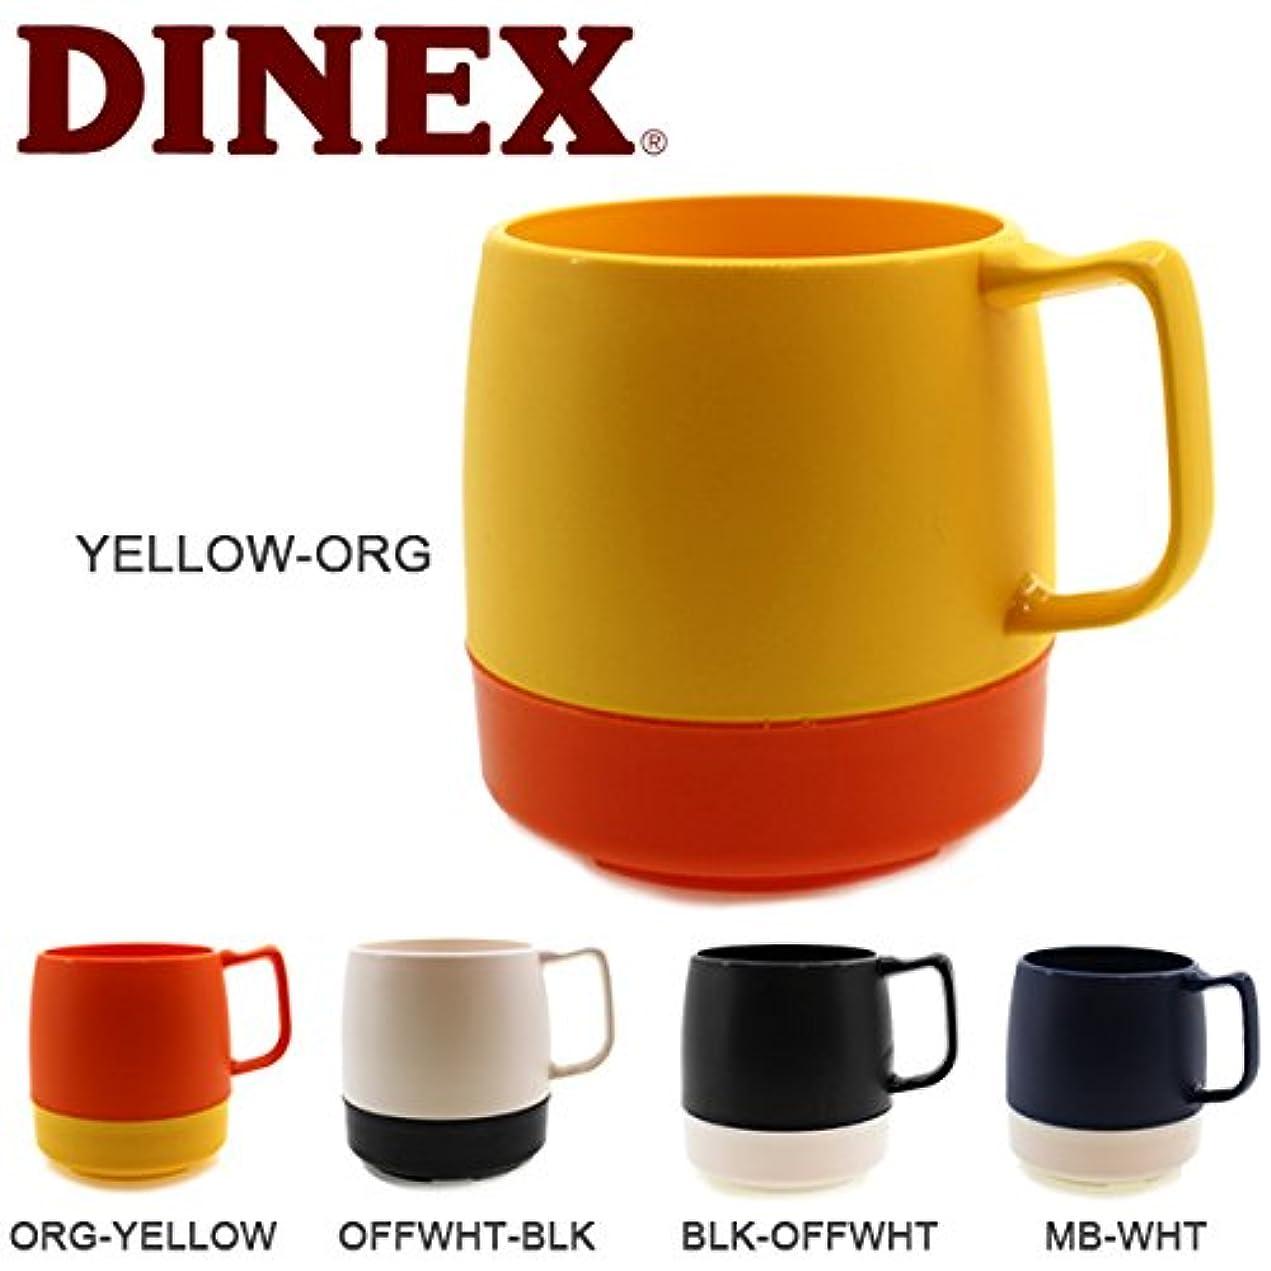 チャットクラック無駄に(ダイネックス)DINEX dinex-005 アウトドア マグカップ 8oz. MUG 2-TONE